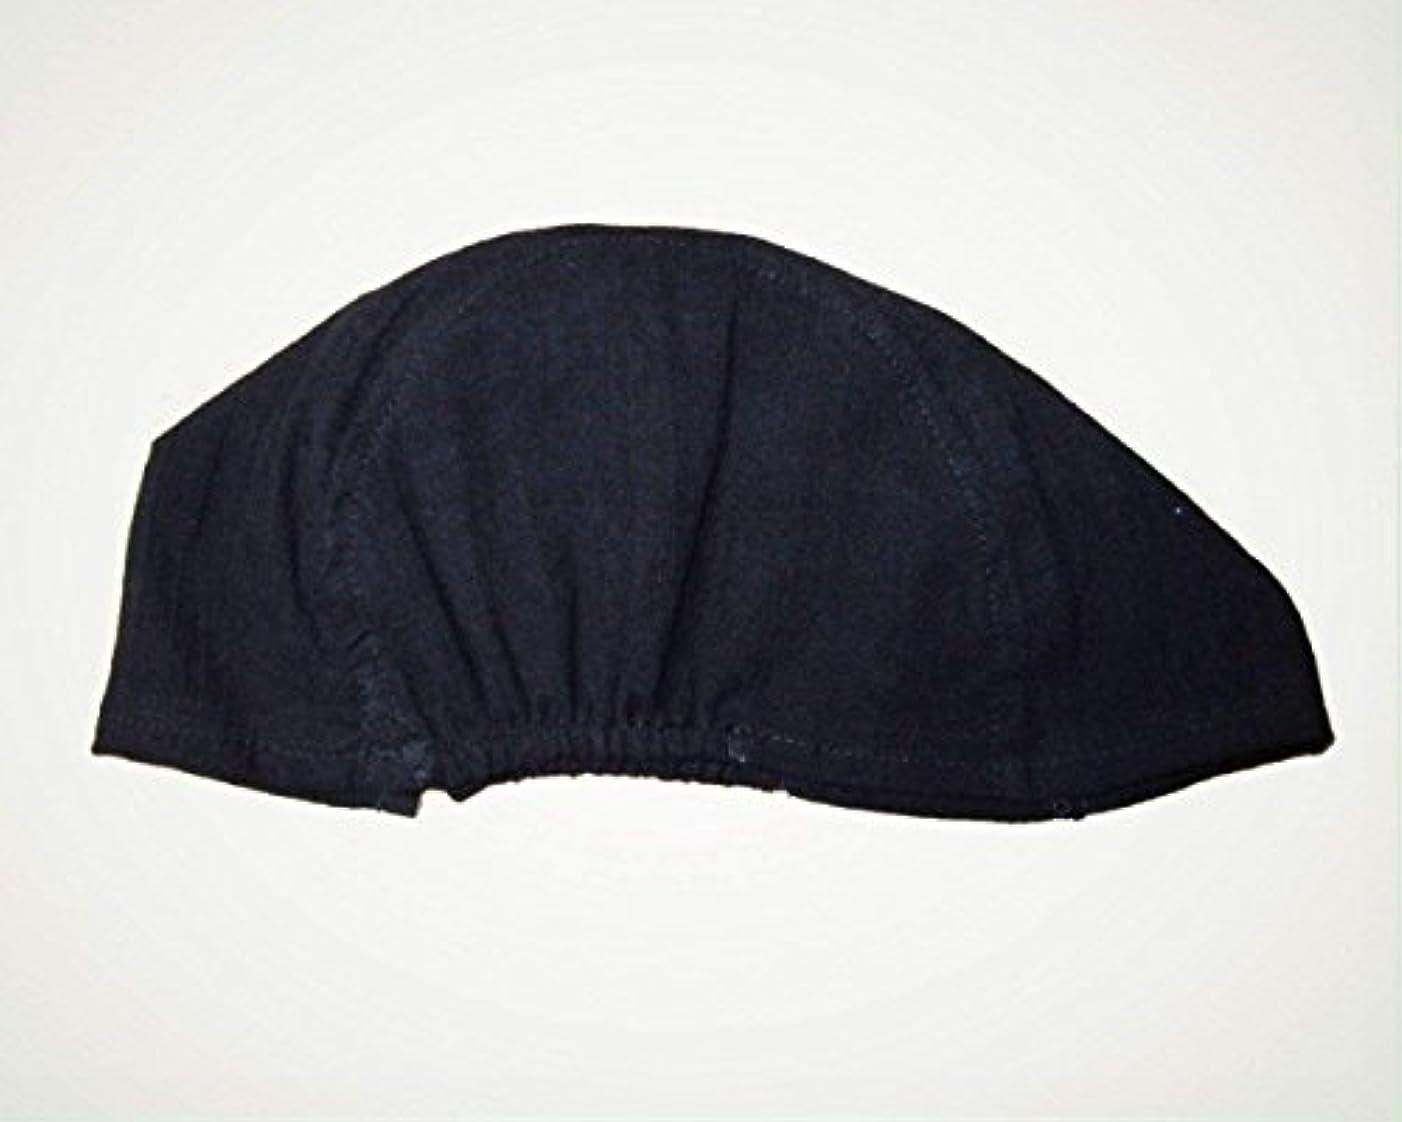 ドナーニックネーム数字抗がん剤帽子/脱毛用/ガーゼキャップ/医療帽子プレジール